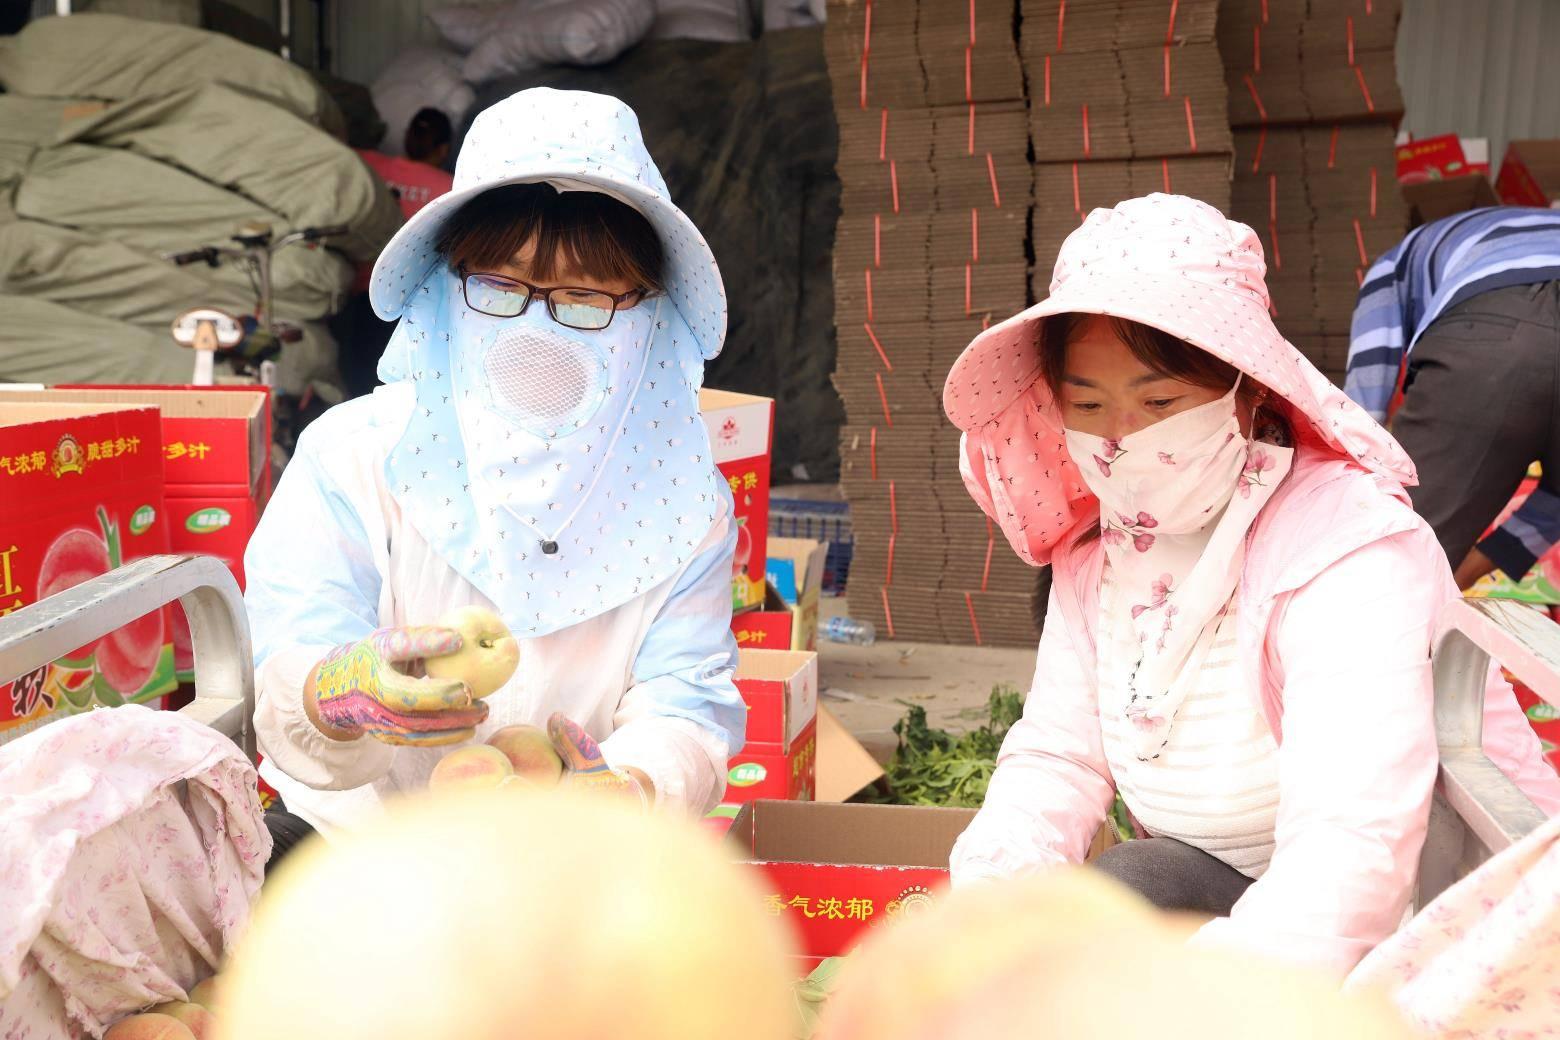 夏县胡张乡 5万亩鲜桃采摘销售获丰收